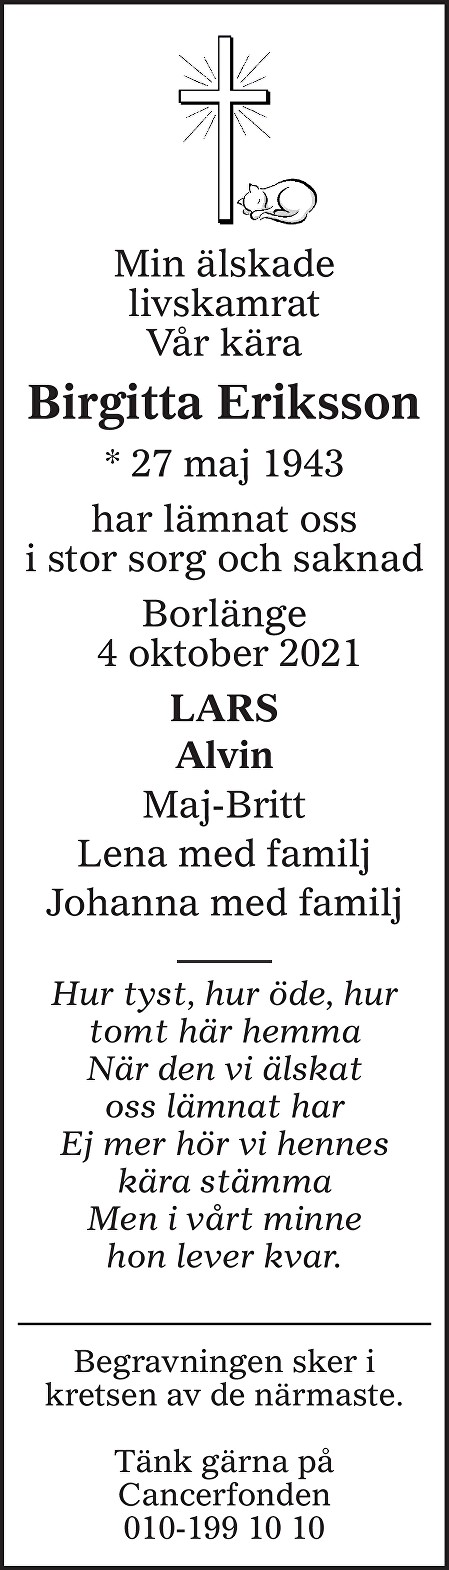 Birgitta Eriksson Death notice